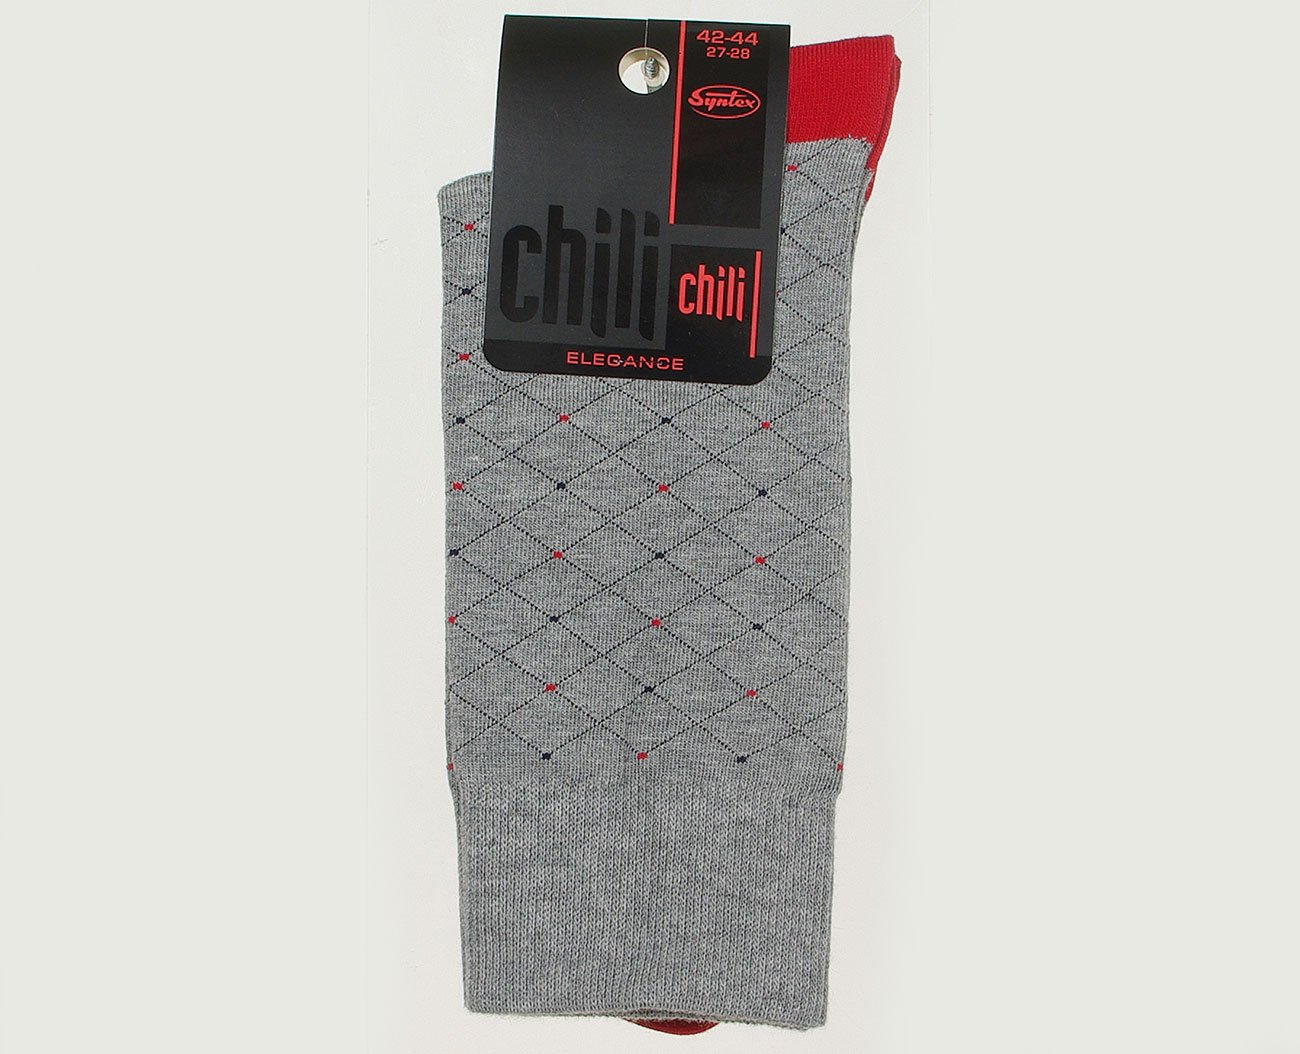 Chili Elegance Siatka skarpety męskie grey/red